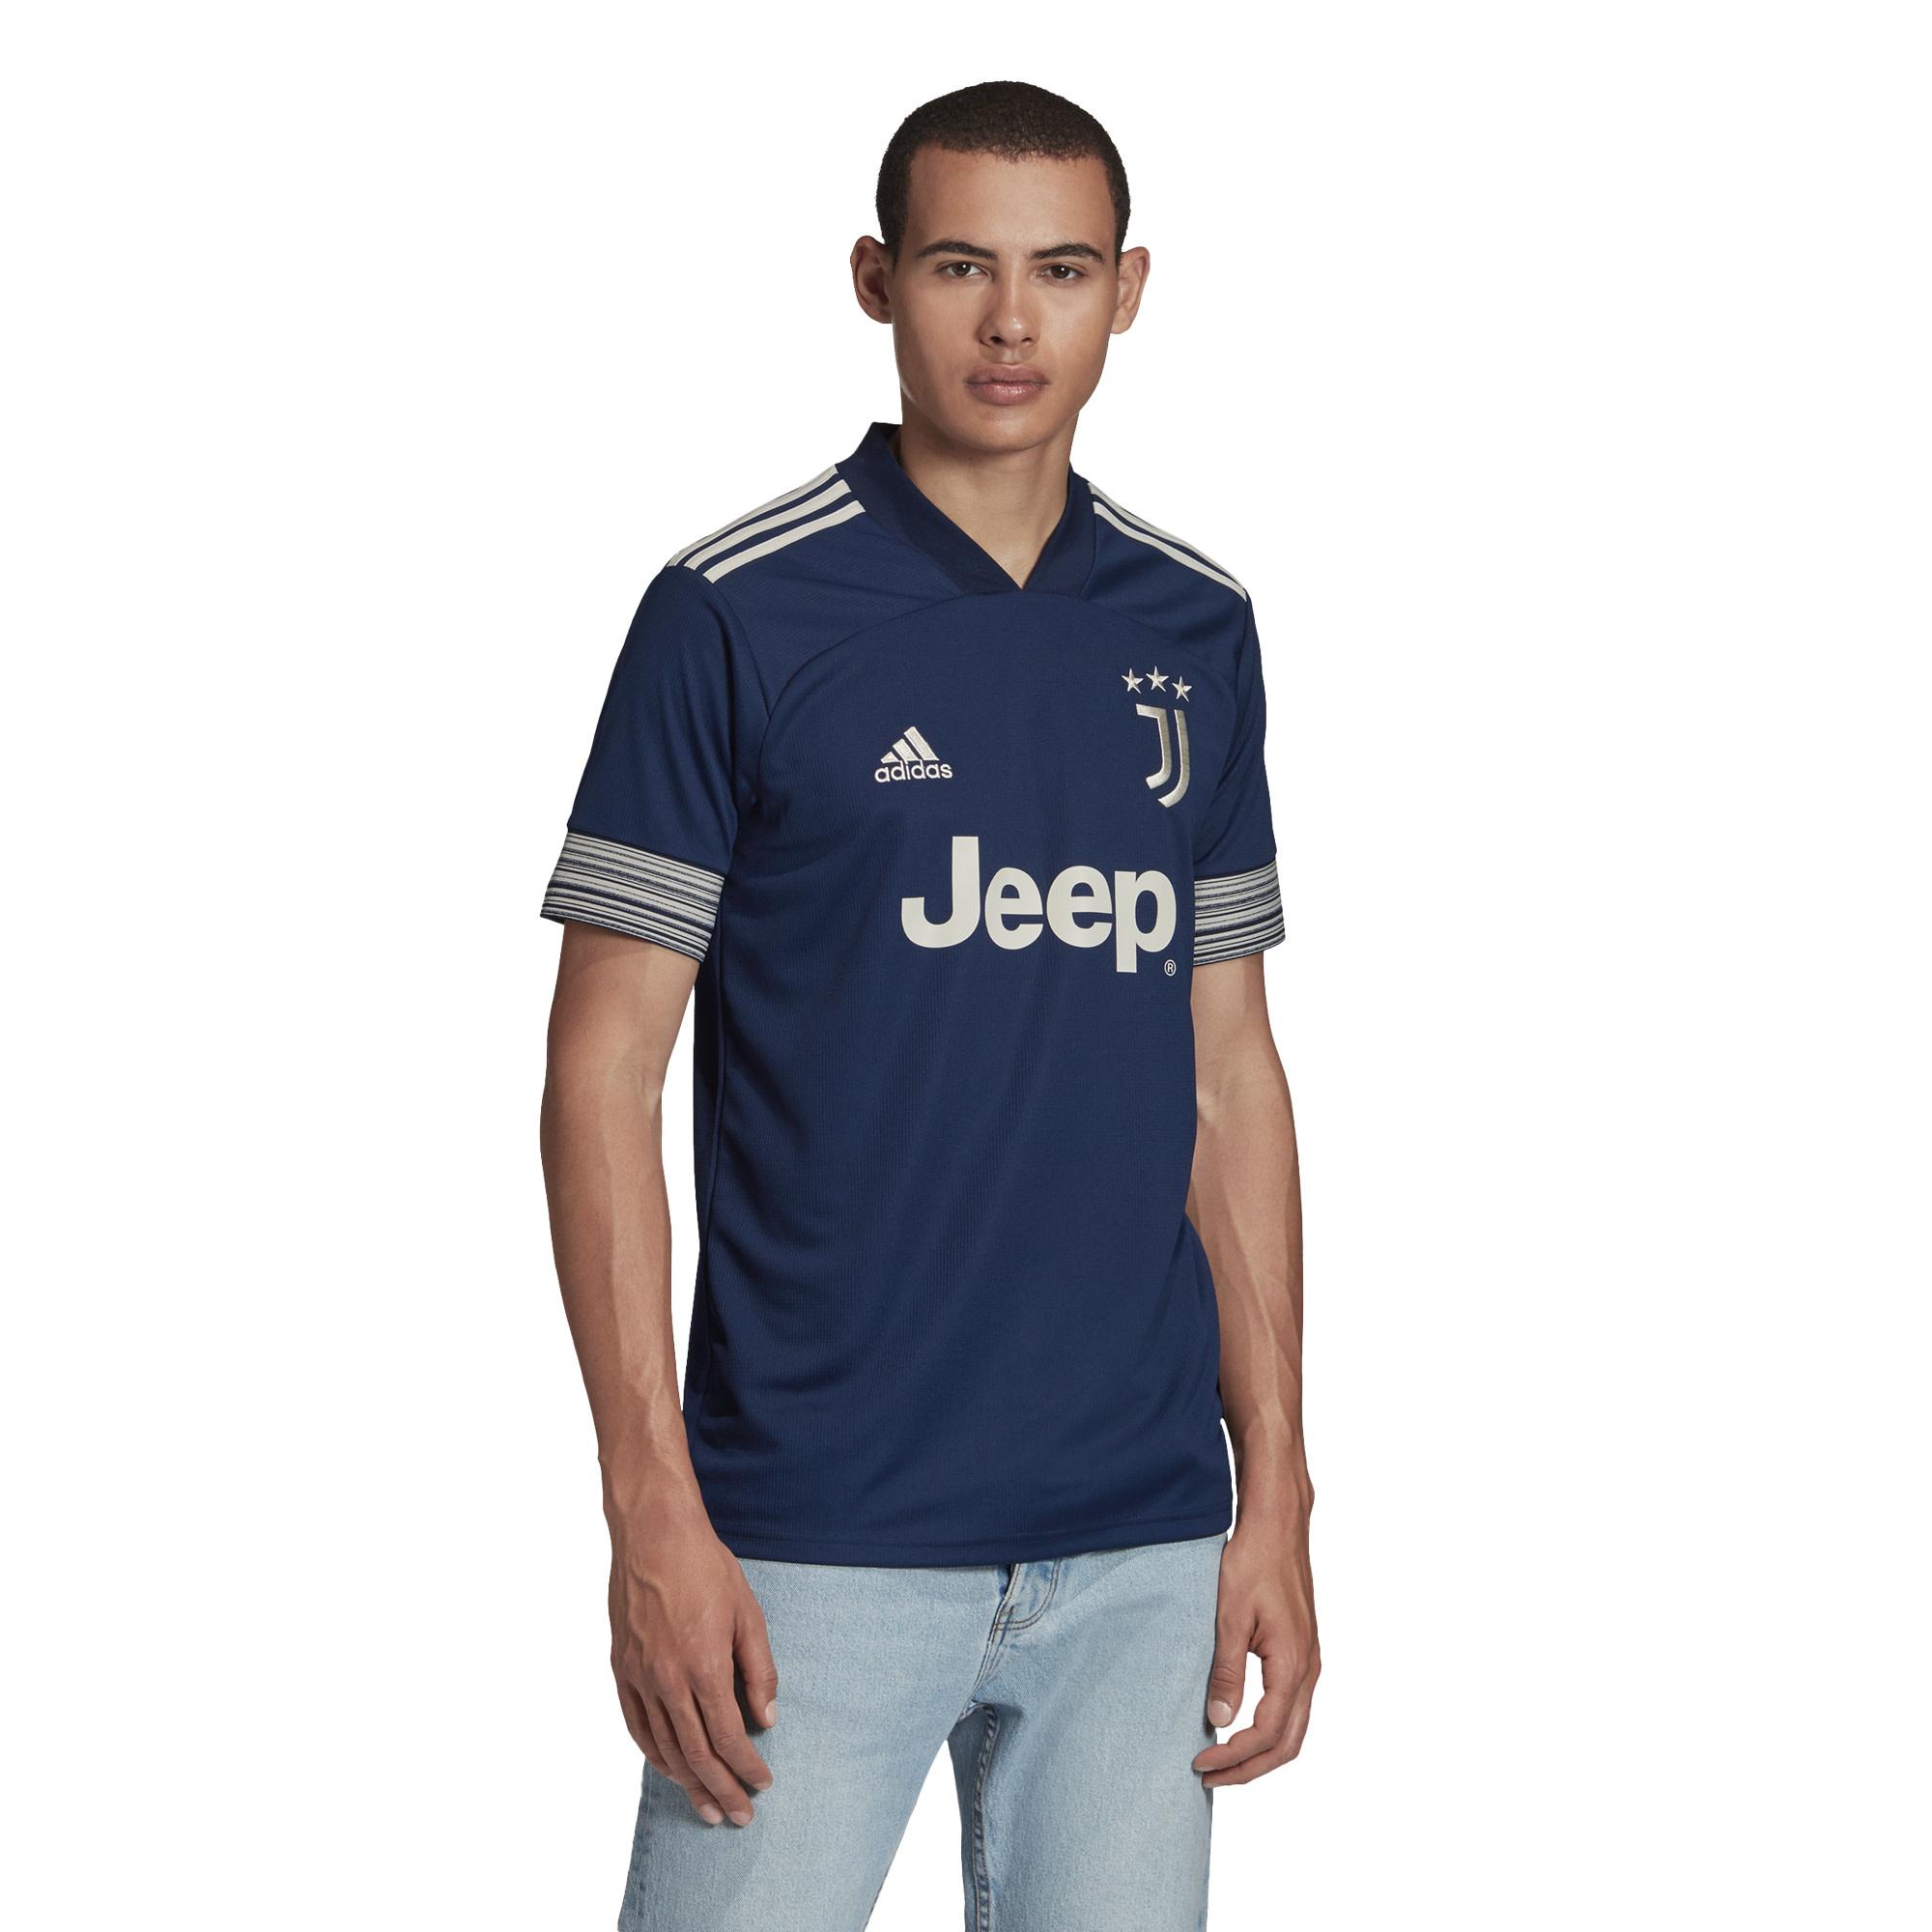 Adidas ADIDAS Juventus Away Jersey '20-'21